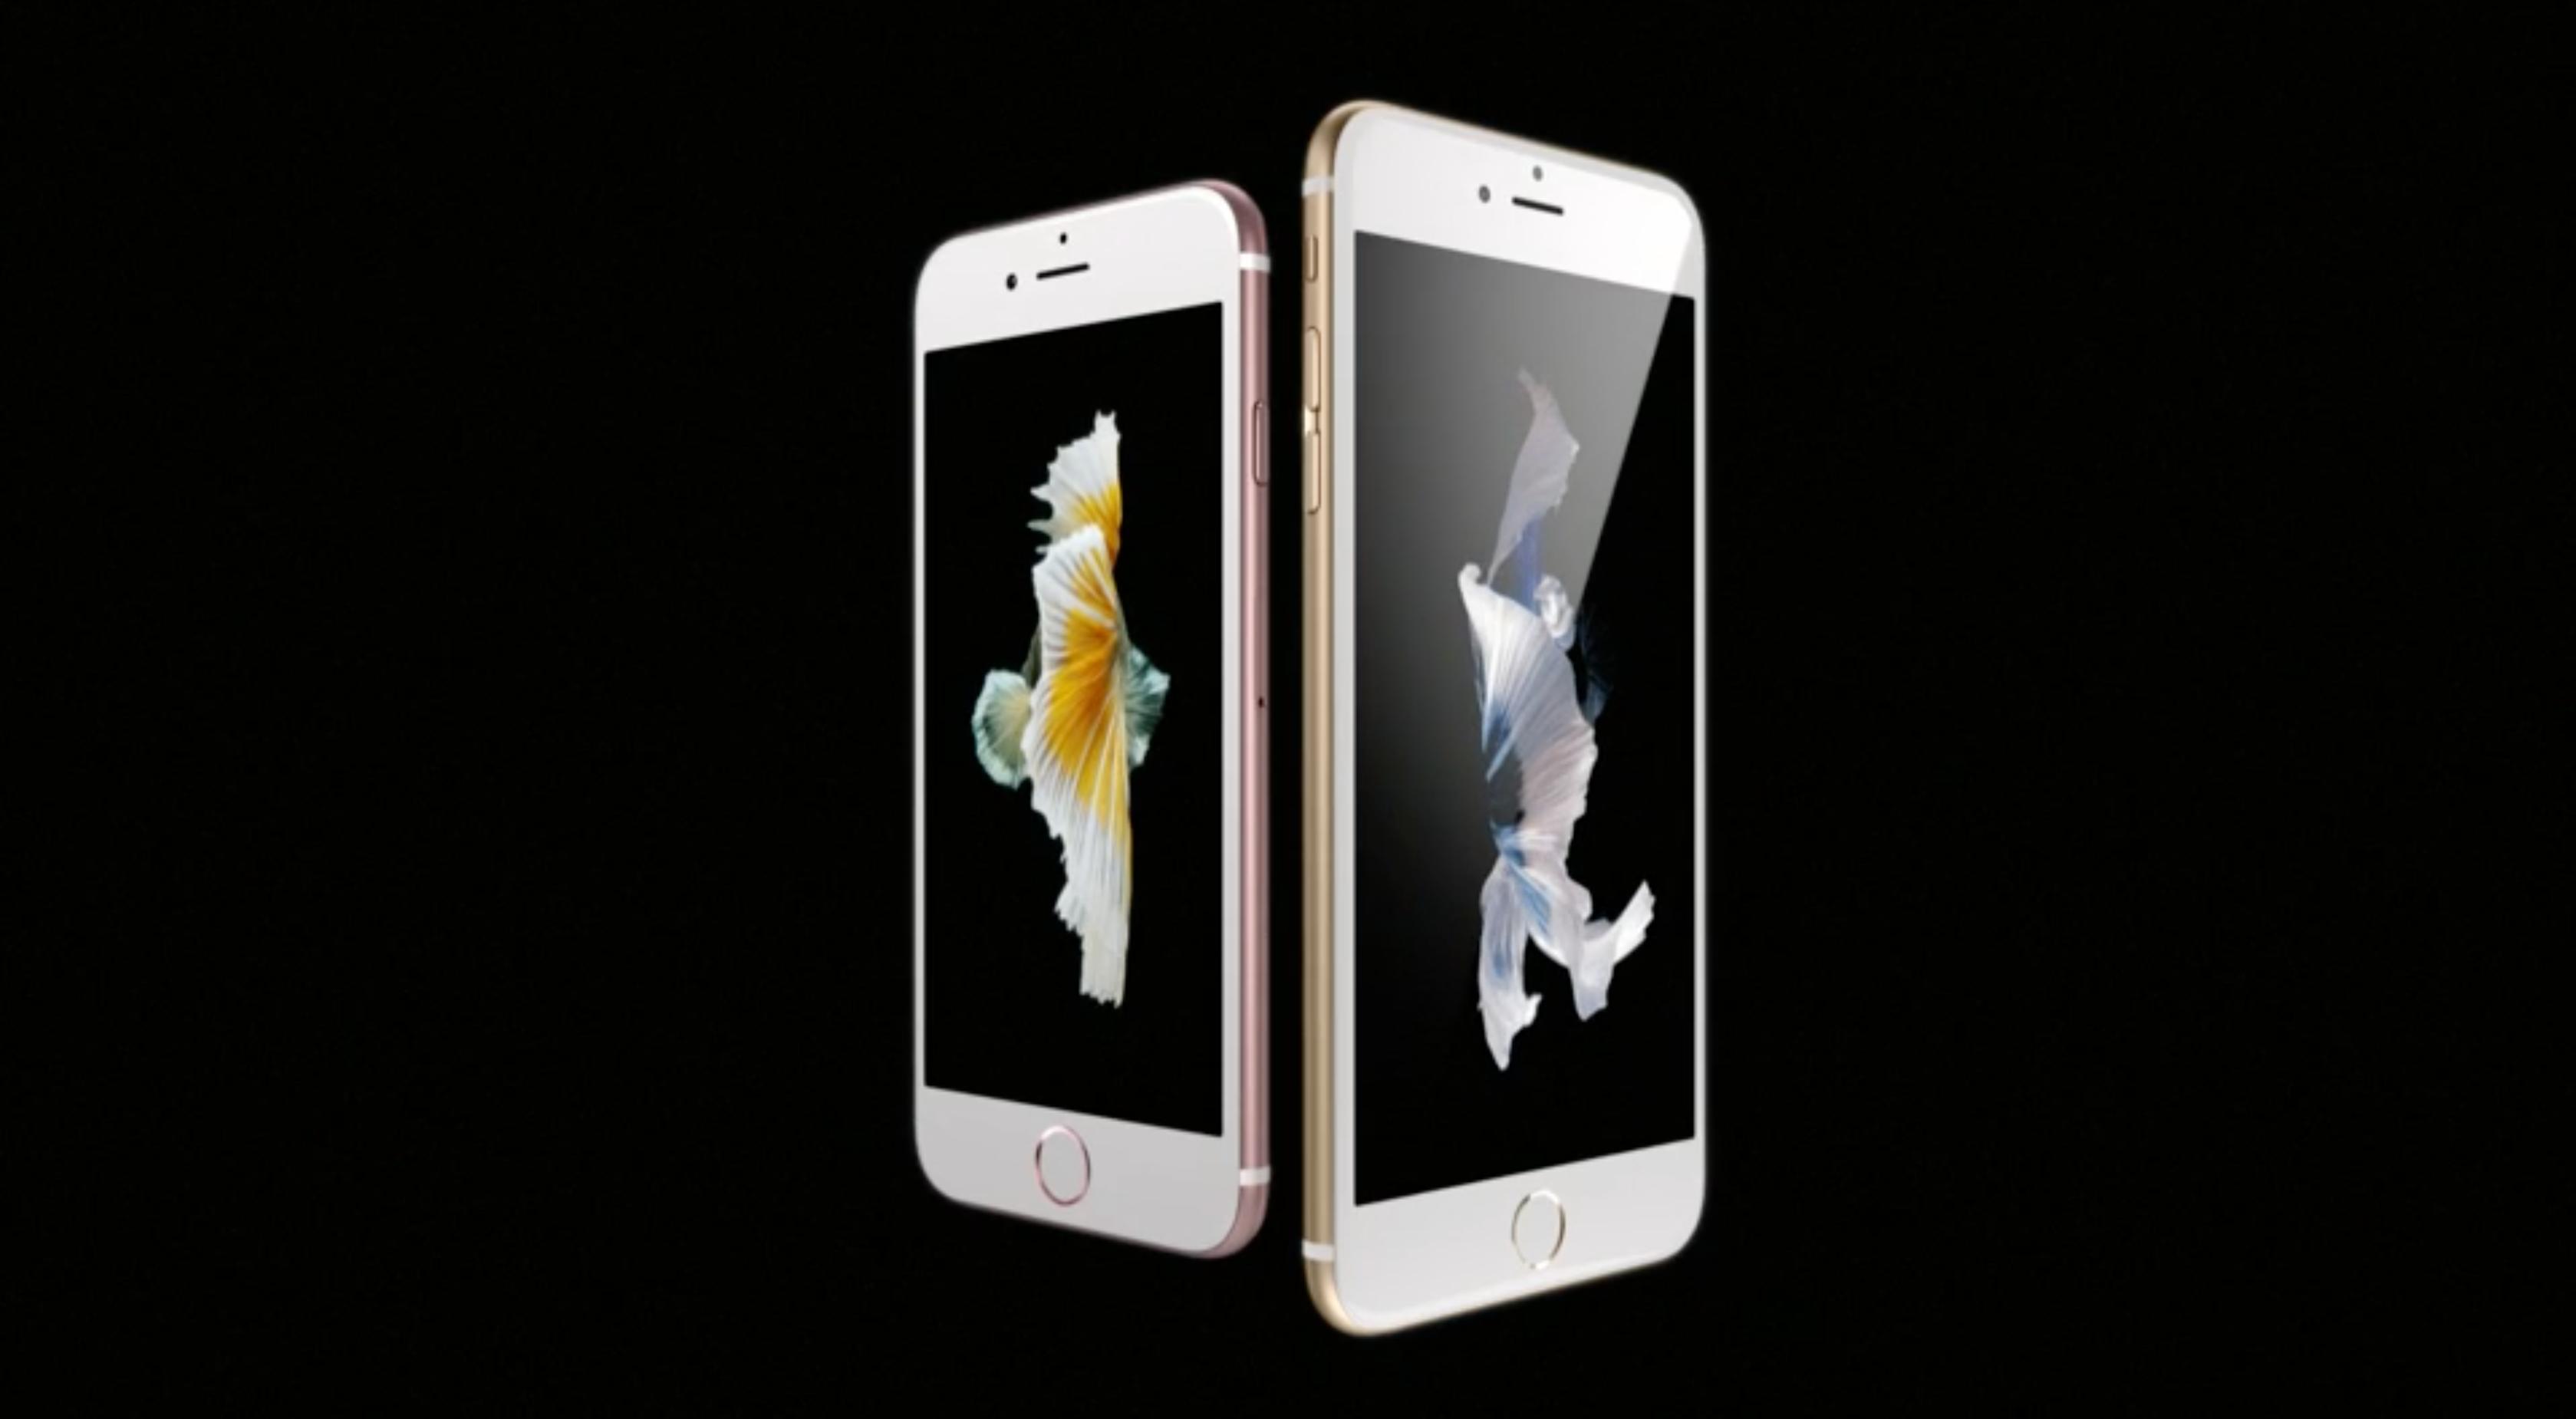 For å ha glede av den nye 3D Touch-støtten i Chrome må du være i besittelse av en iPhone 6S eller 6S Plus. Foto: Finn Jarle Kvalheim, Tek.no